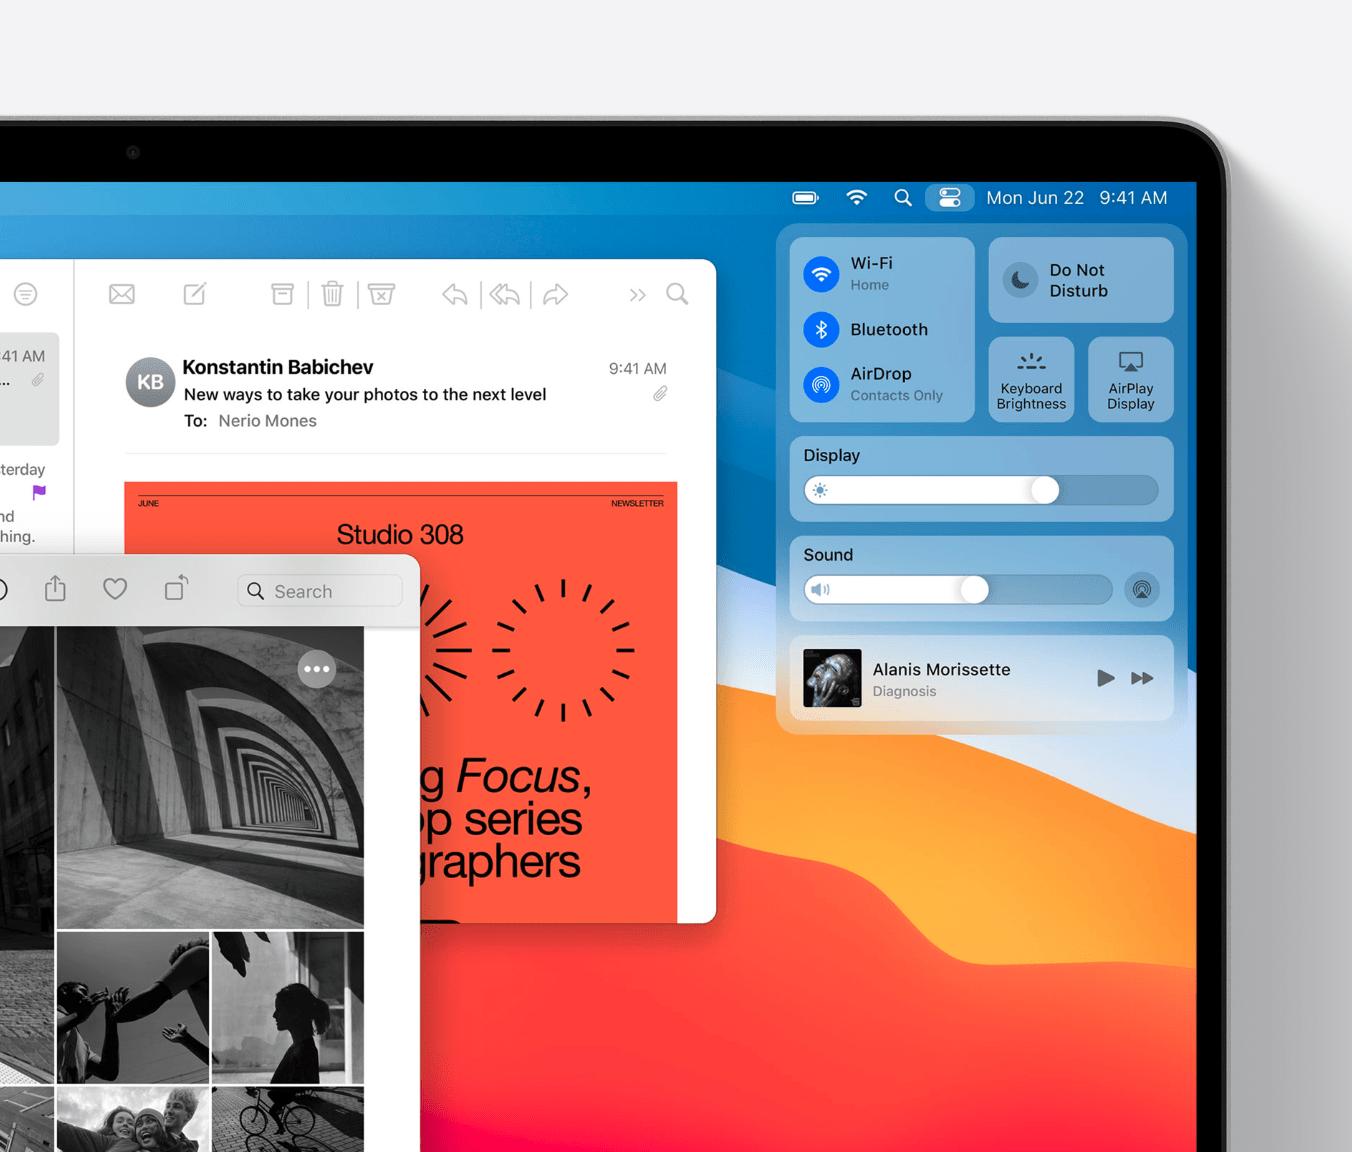 风格大变!设计师要知道的 macOS 11 核心设计规范